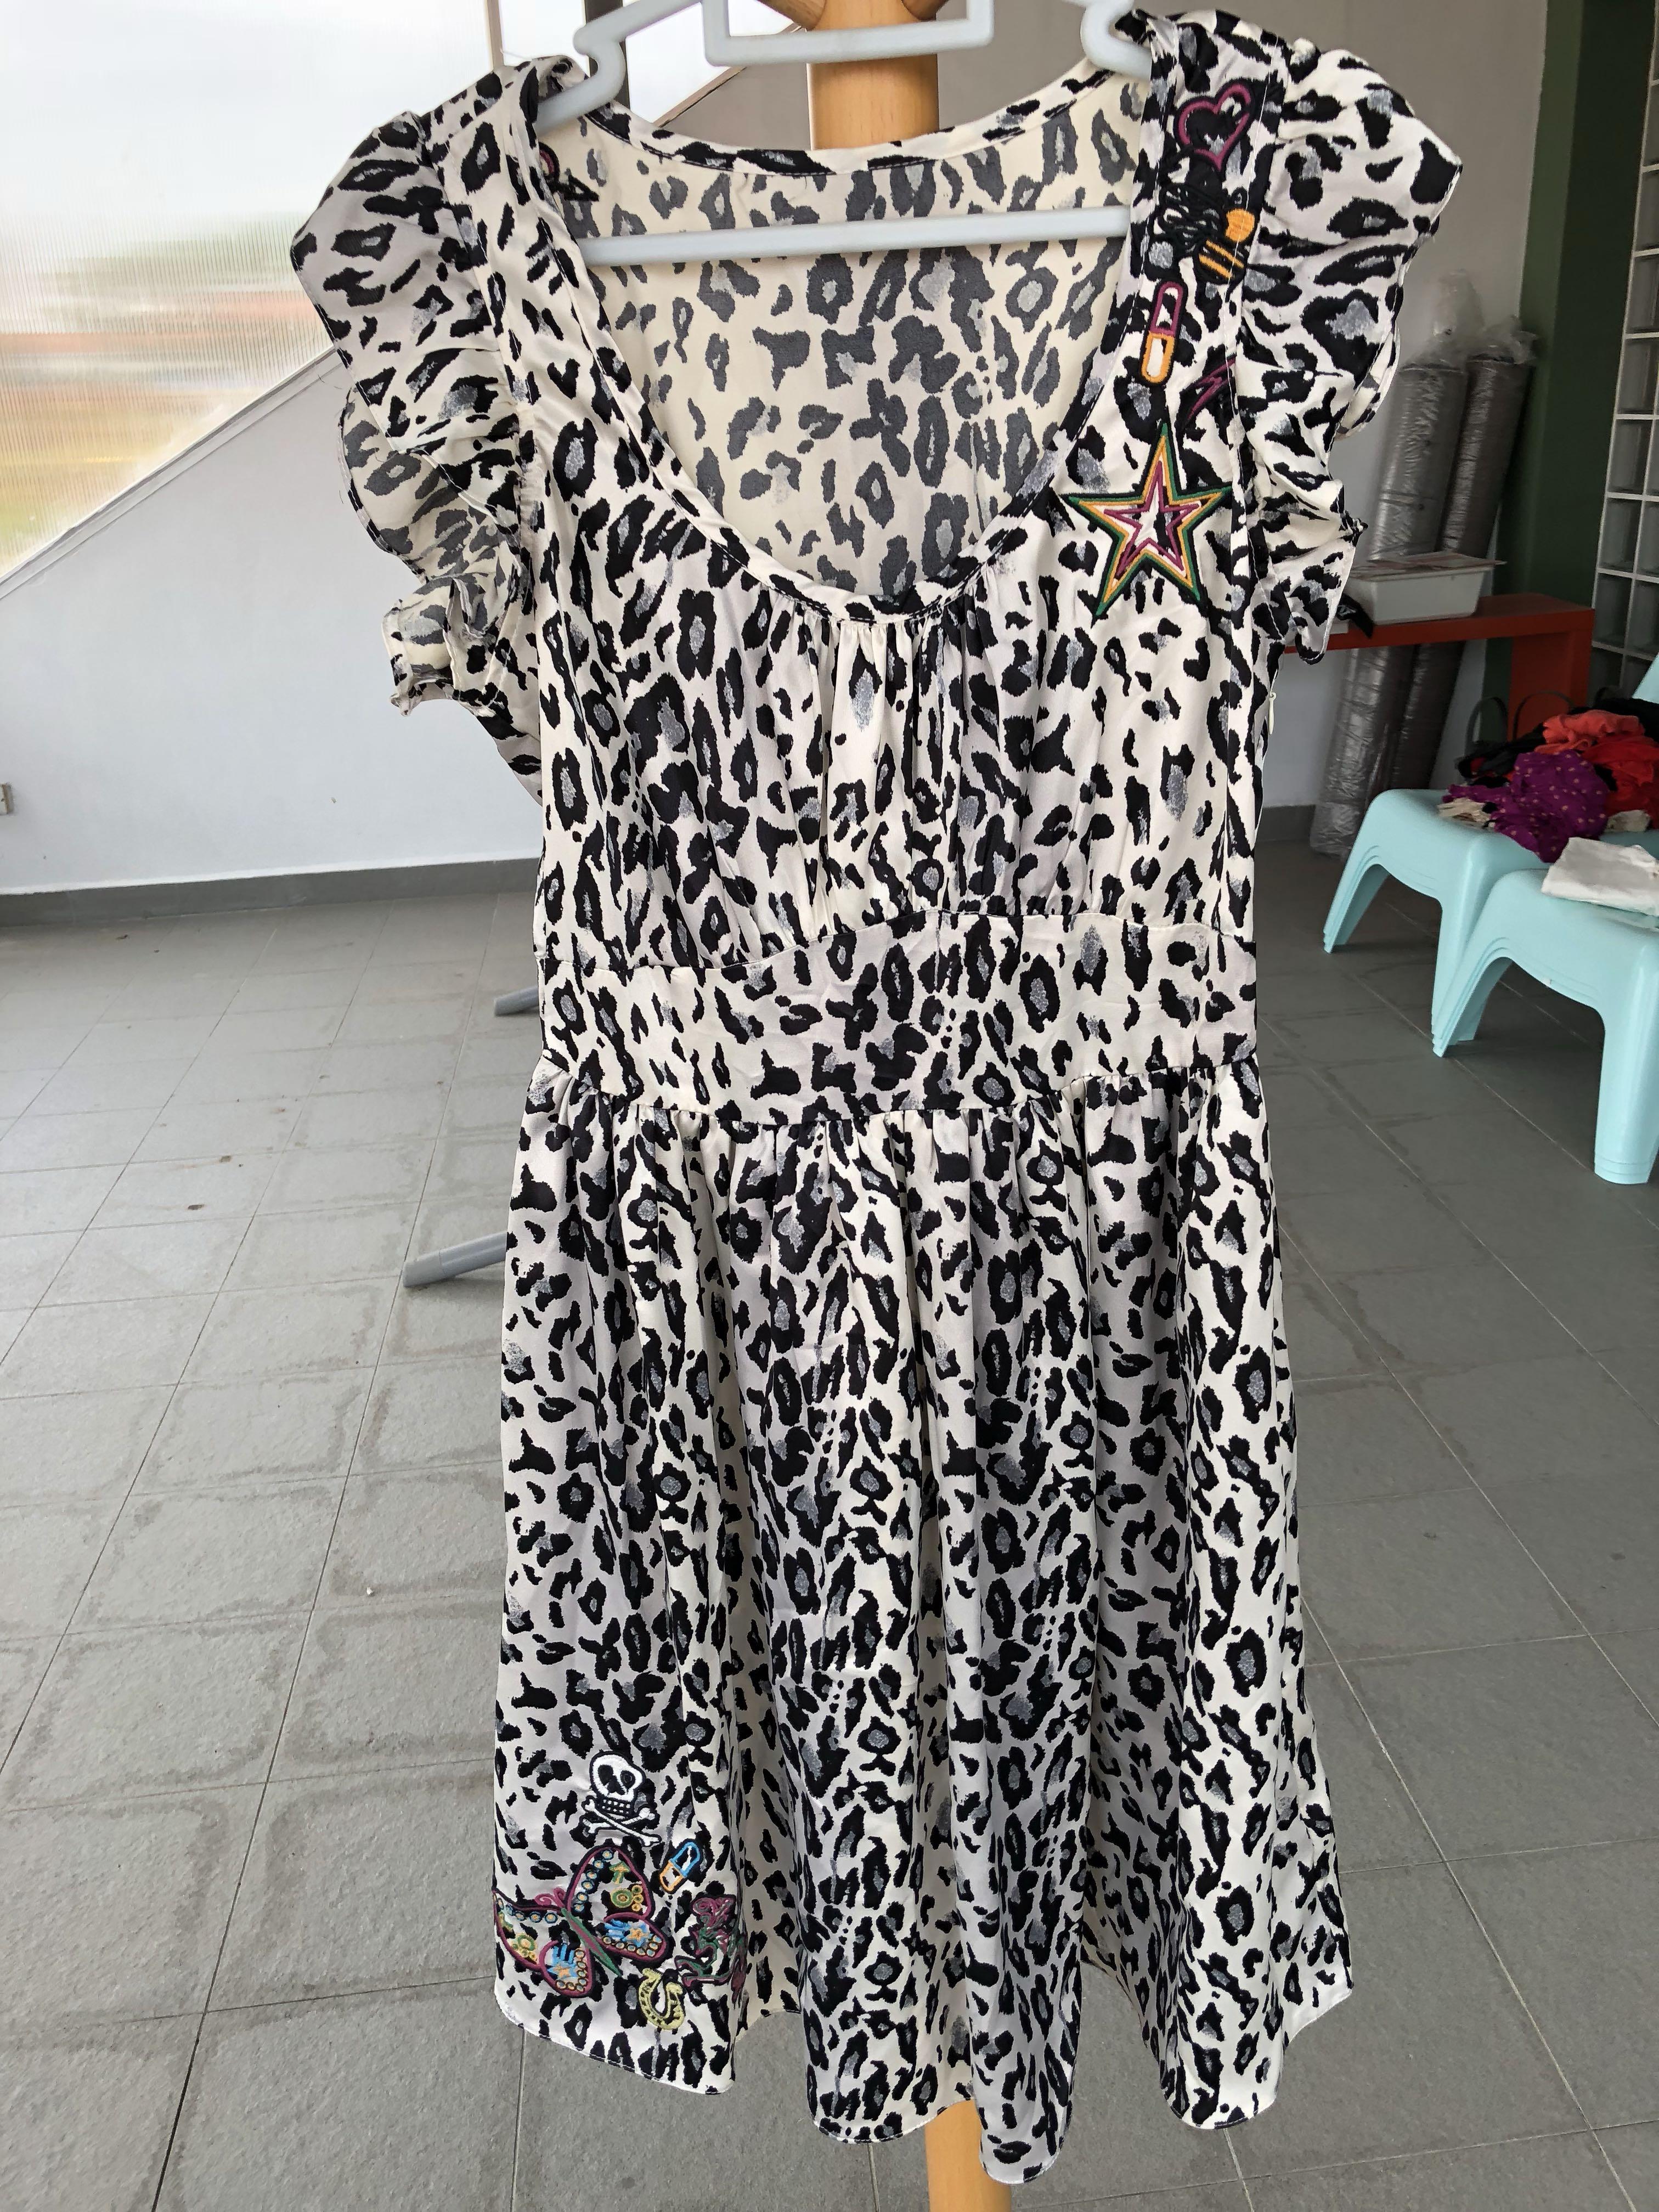 91c043b22b0e Black White Leopard Print Dress w/ Embroidery Punk Dress, Women's ...